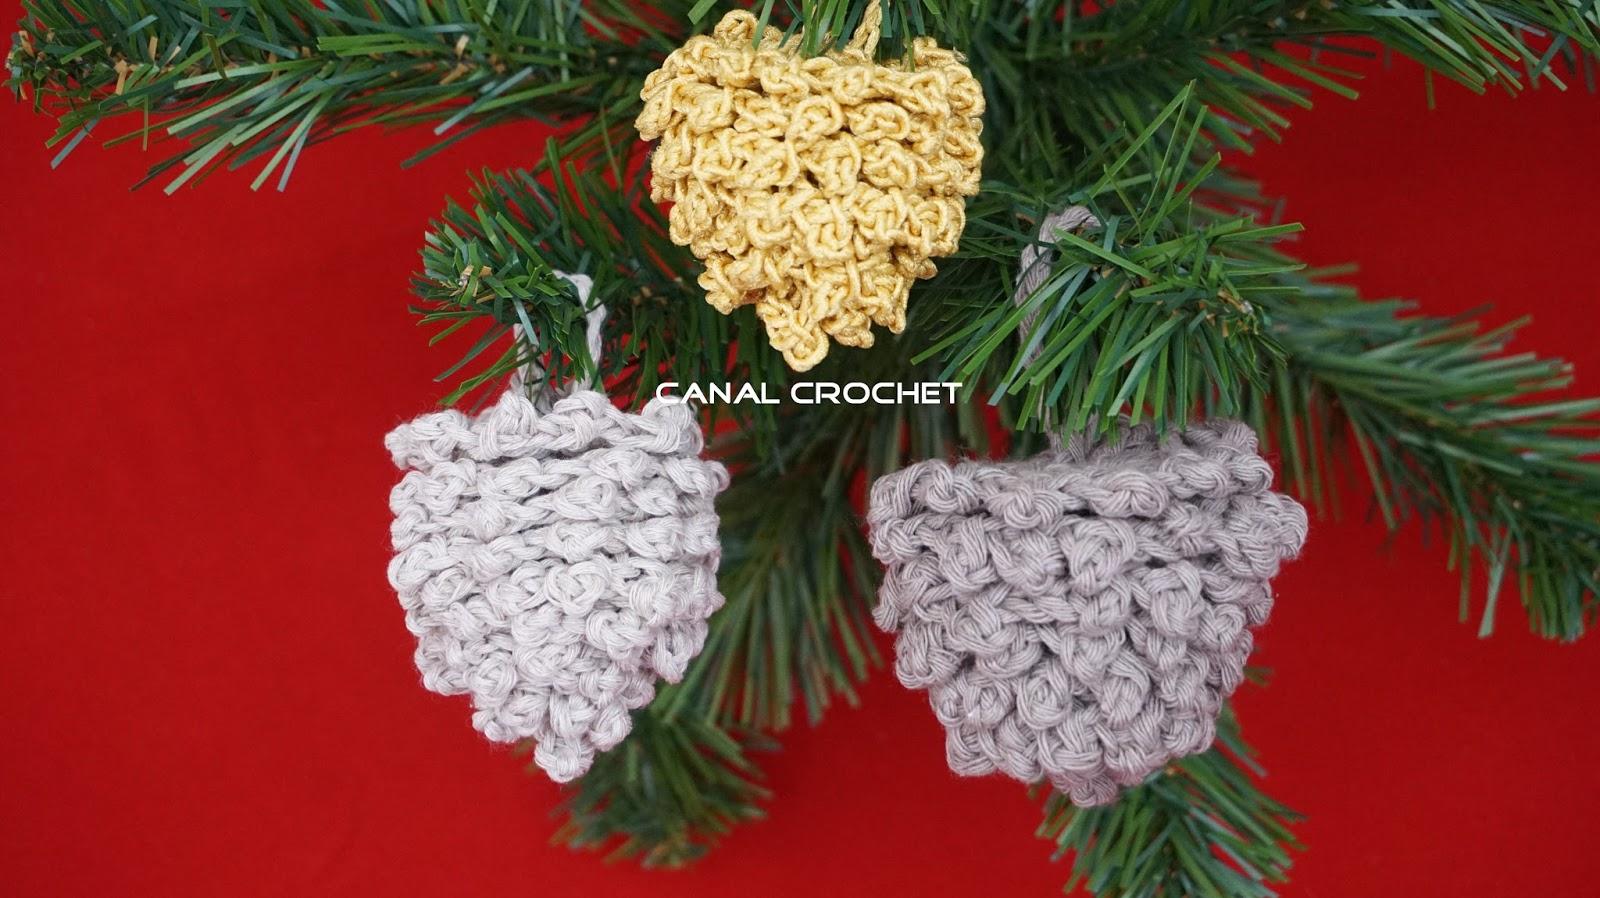 Amigurumilacion : Canal crochet: piña de navidad a crochet tutorial